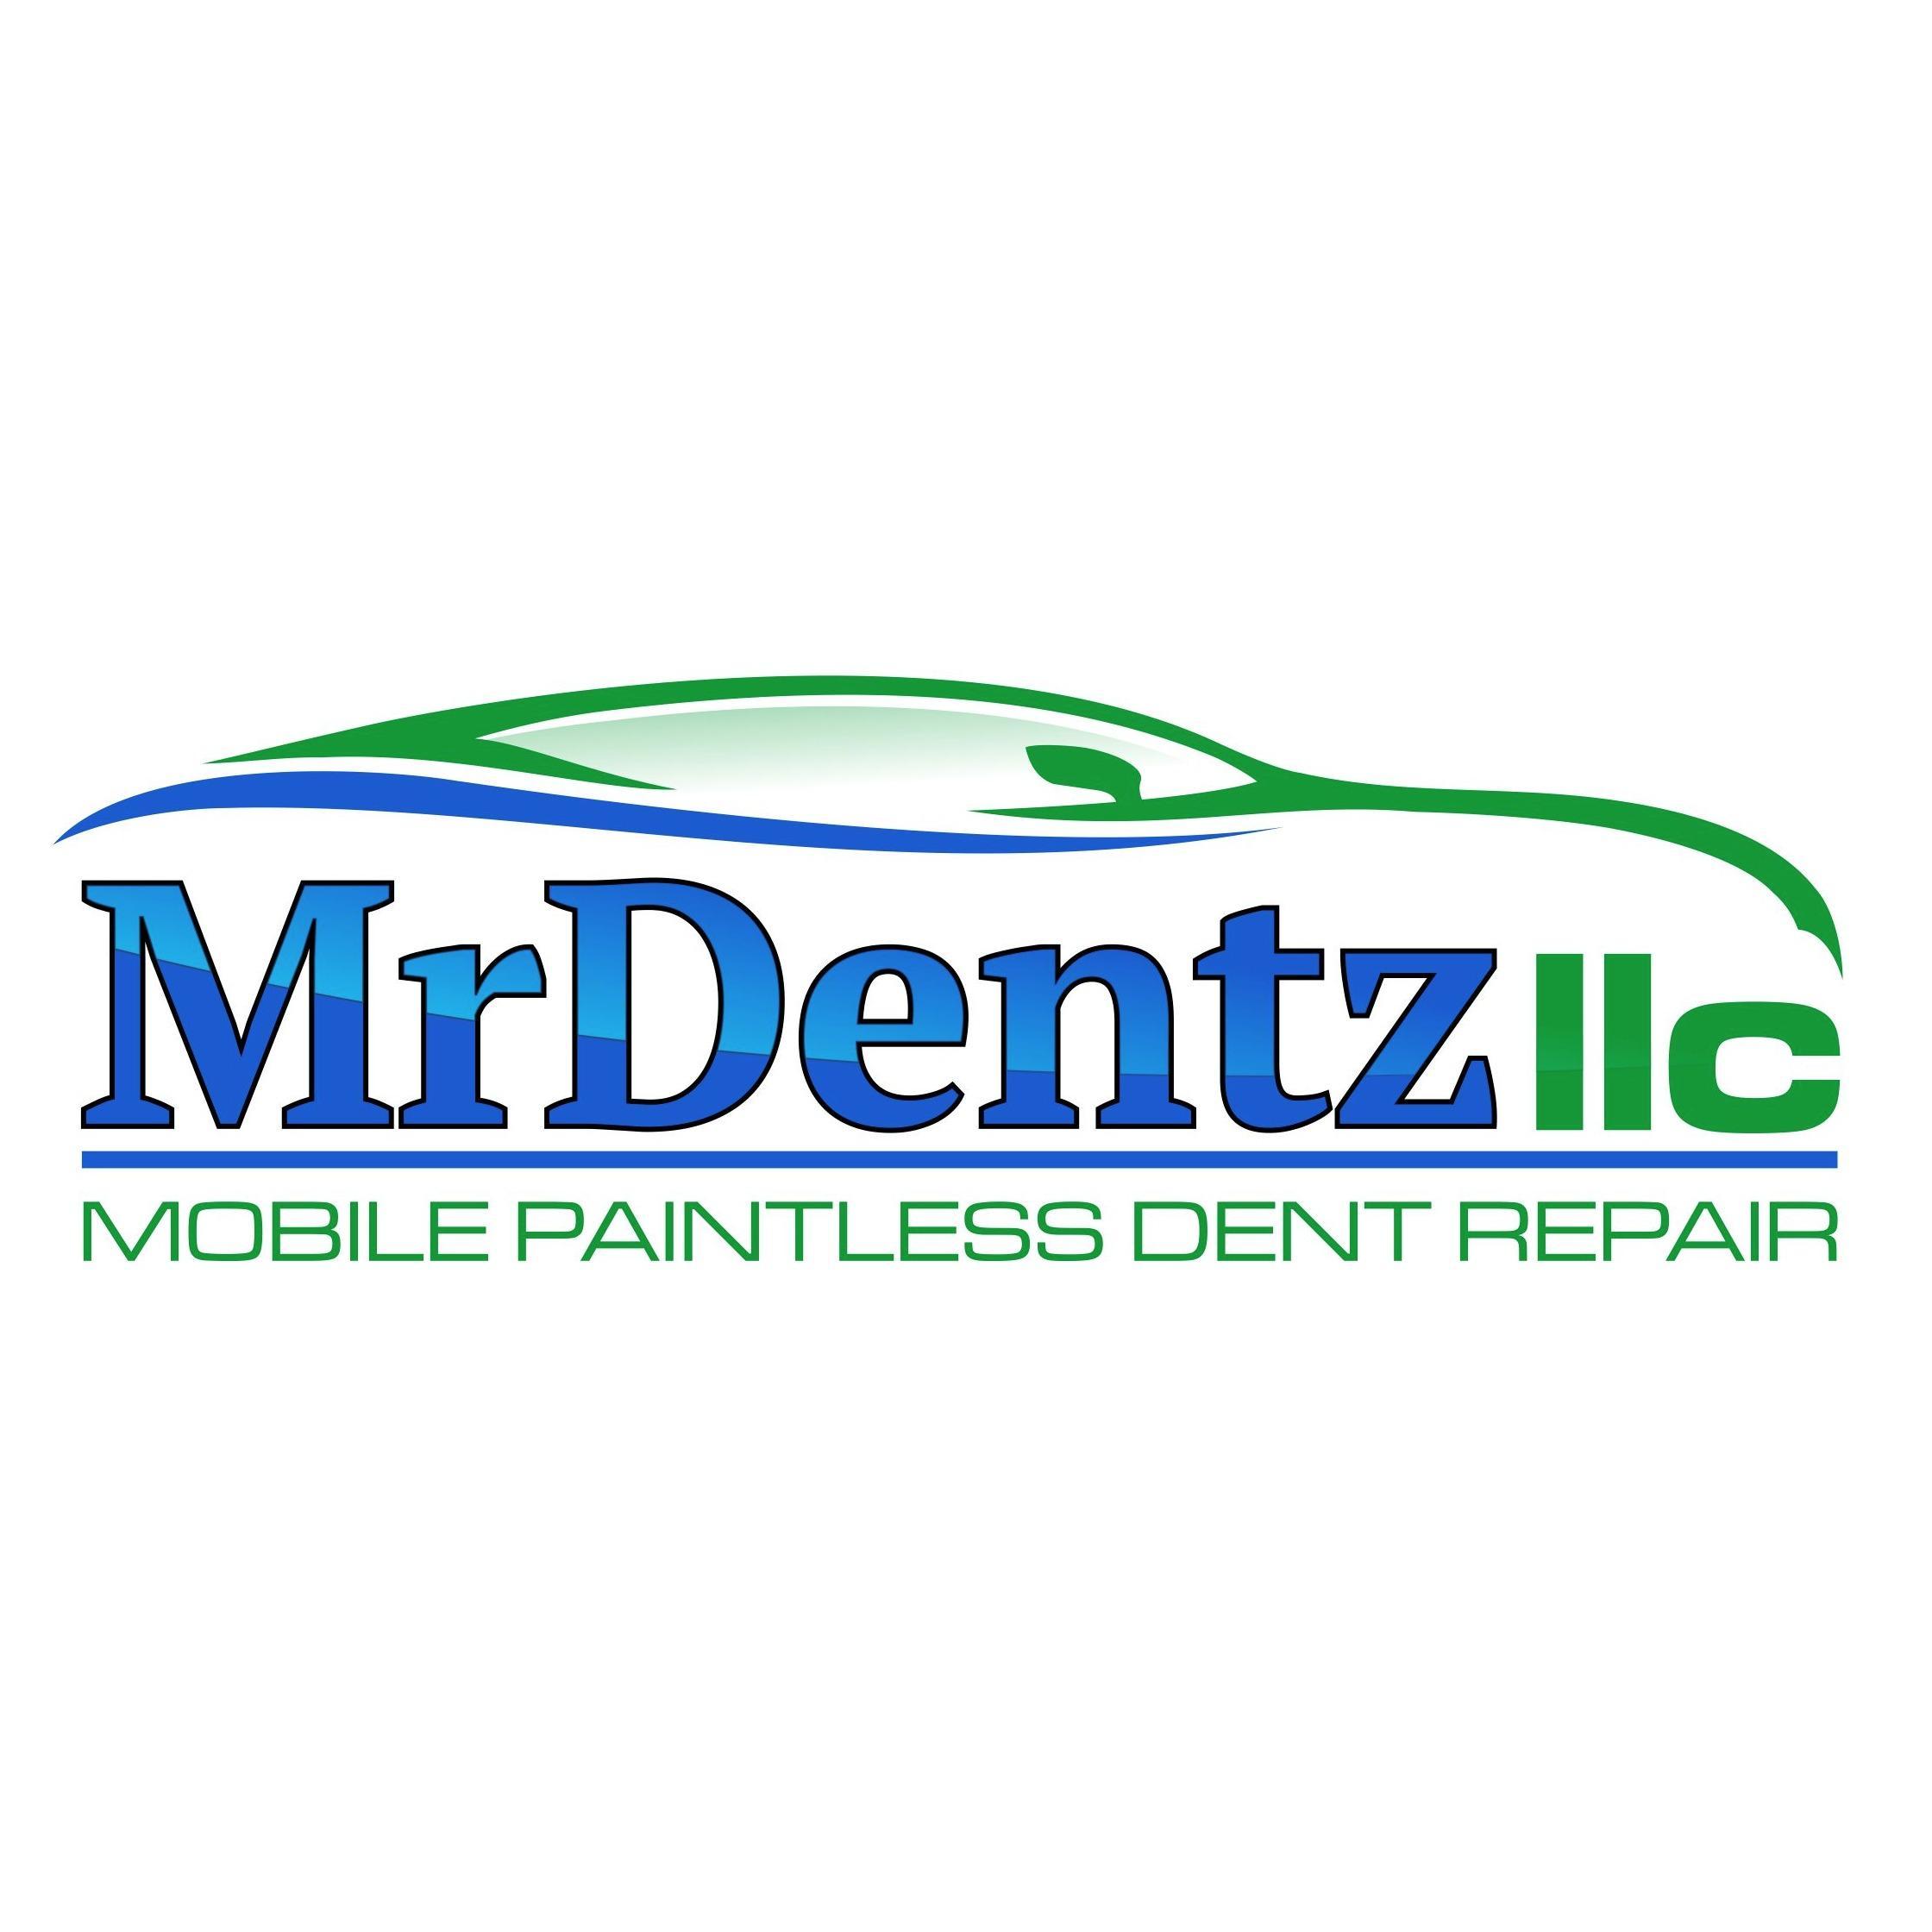 Mrdentz Llc Mobile Paintless Dent Repair Coupons Near Me